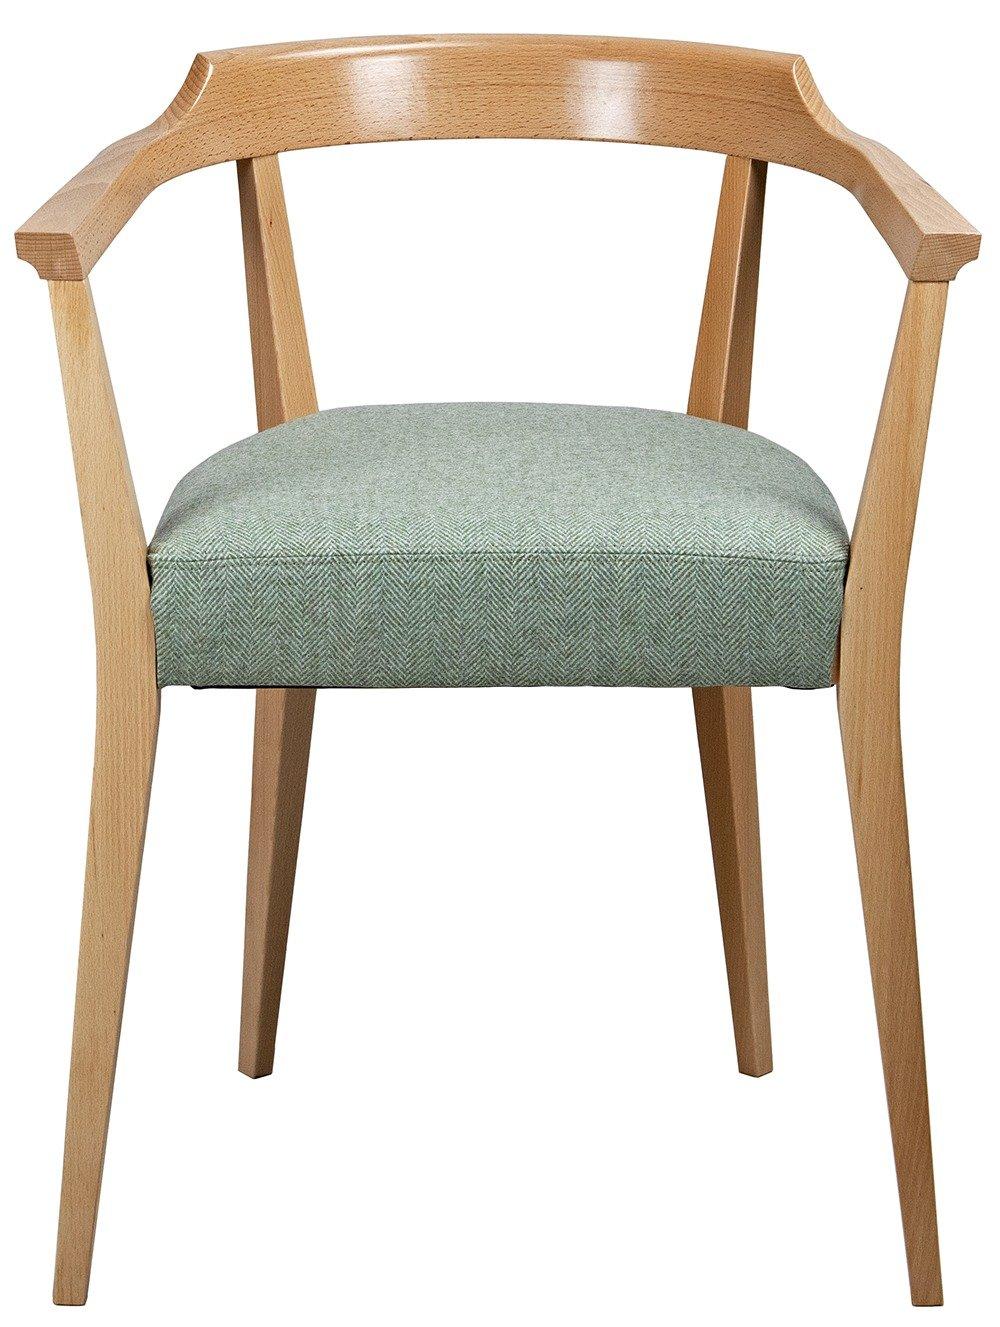 Modica arm chair